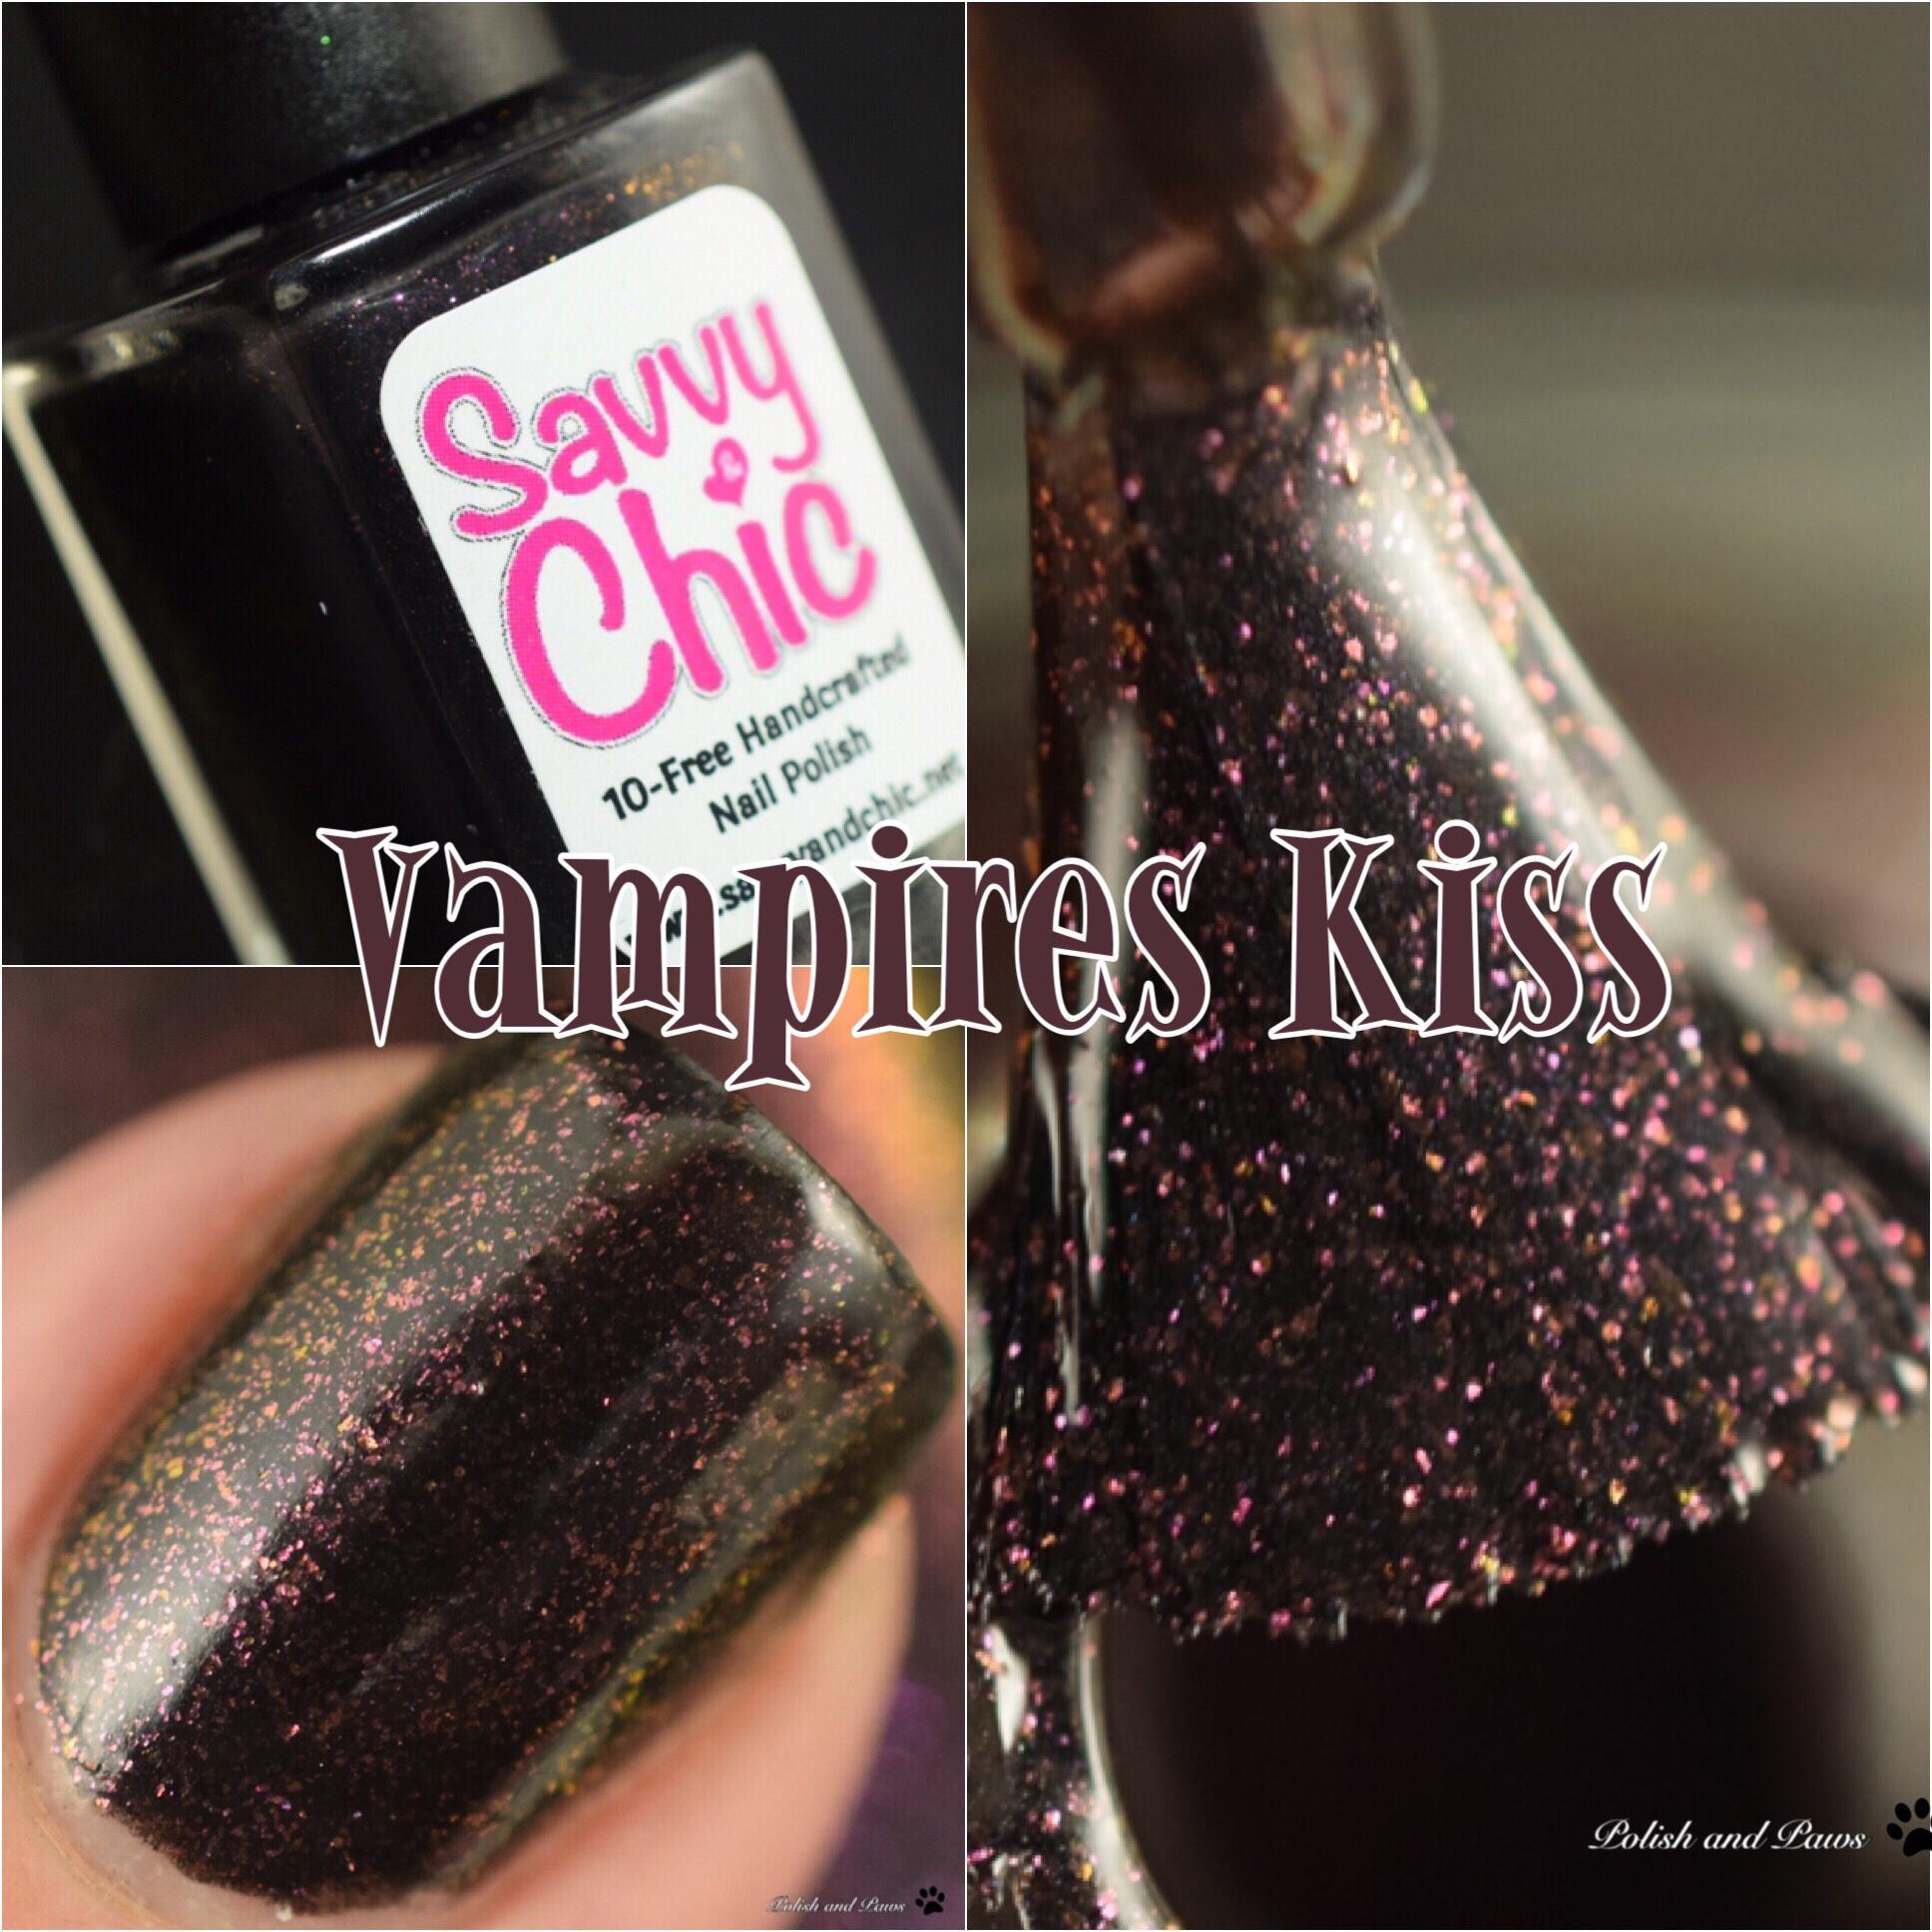 Savvy & Chic Vampires Kiss